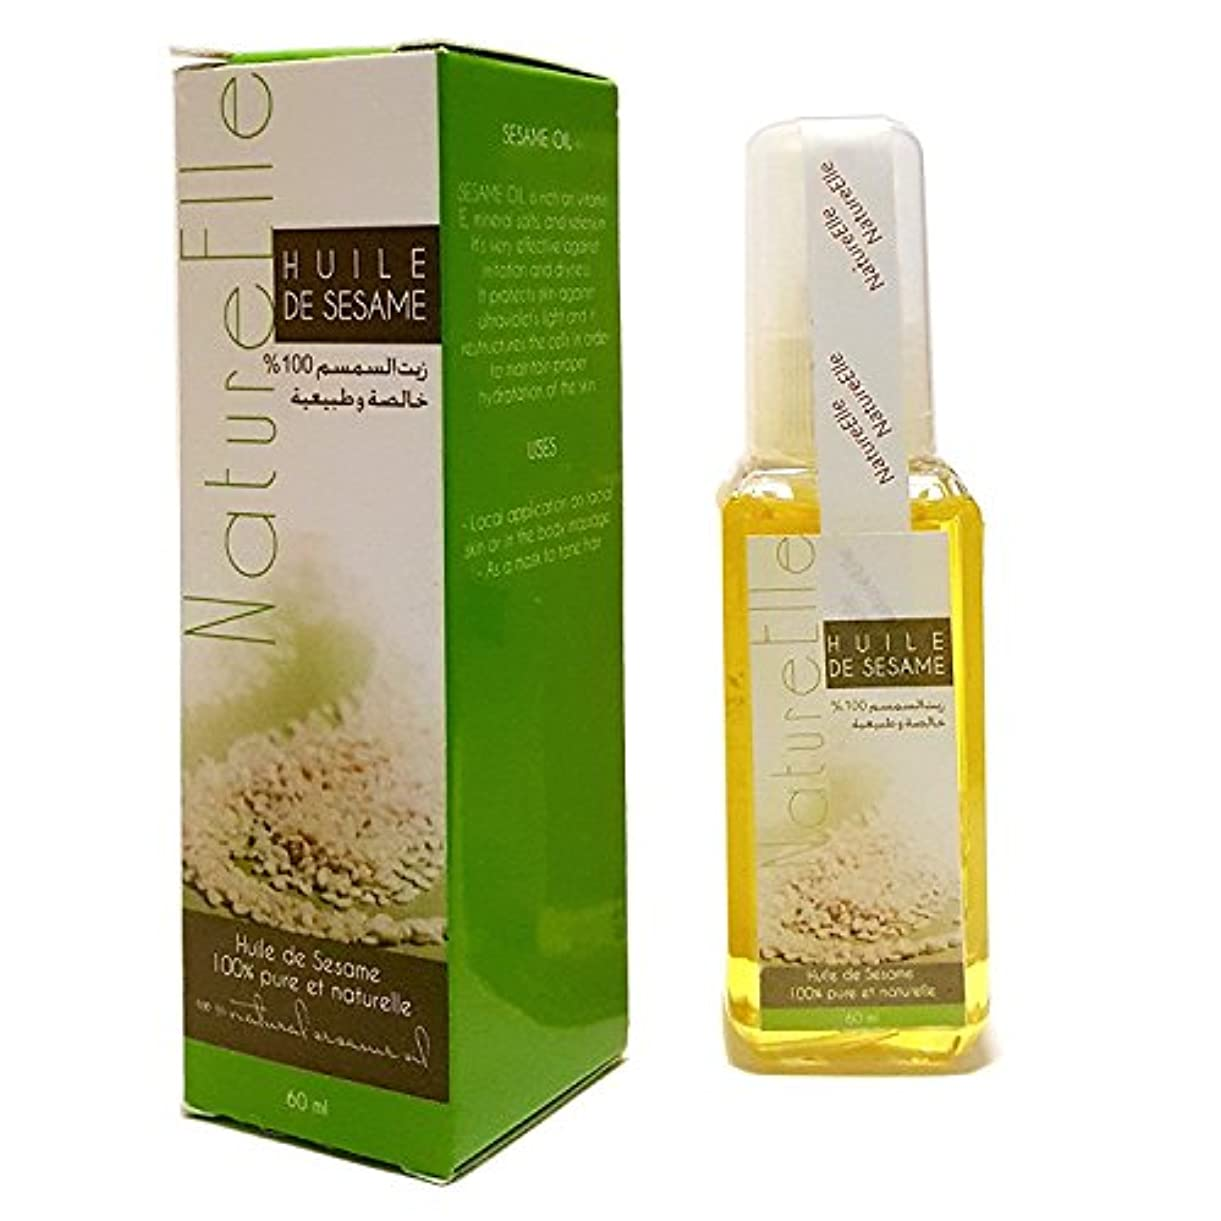 浅いバラバラにするインカ帝国BIOCOSMETICS IT Sesame Oil 100% Pure and Natural